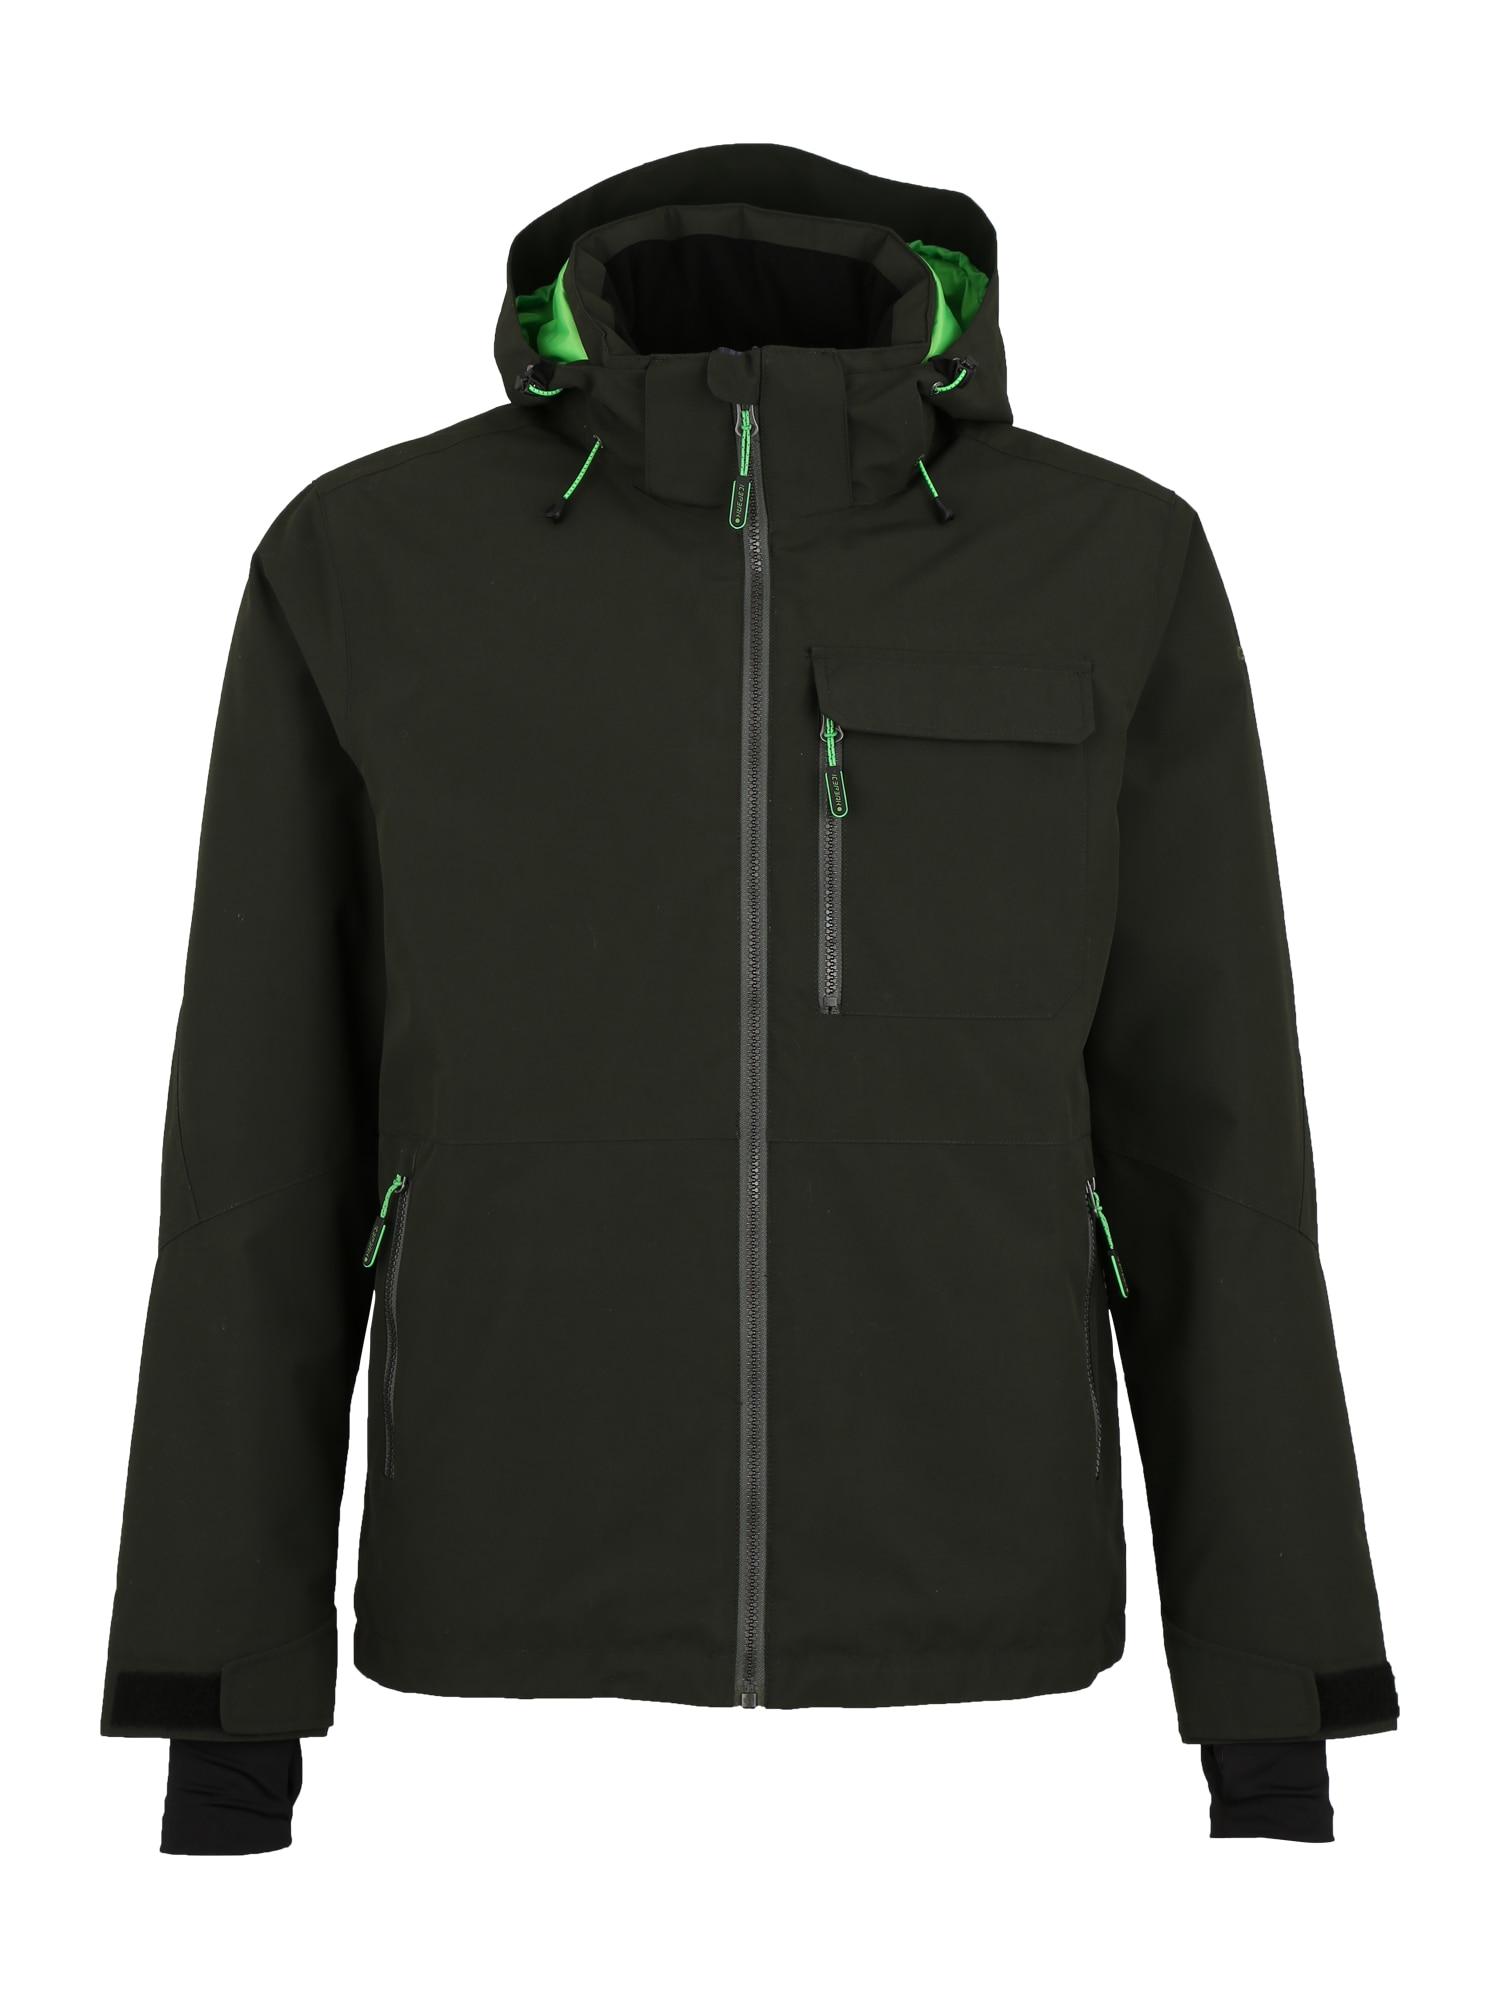 Outdoorová bunda KEVIN tmavě zelená ICEPEAK